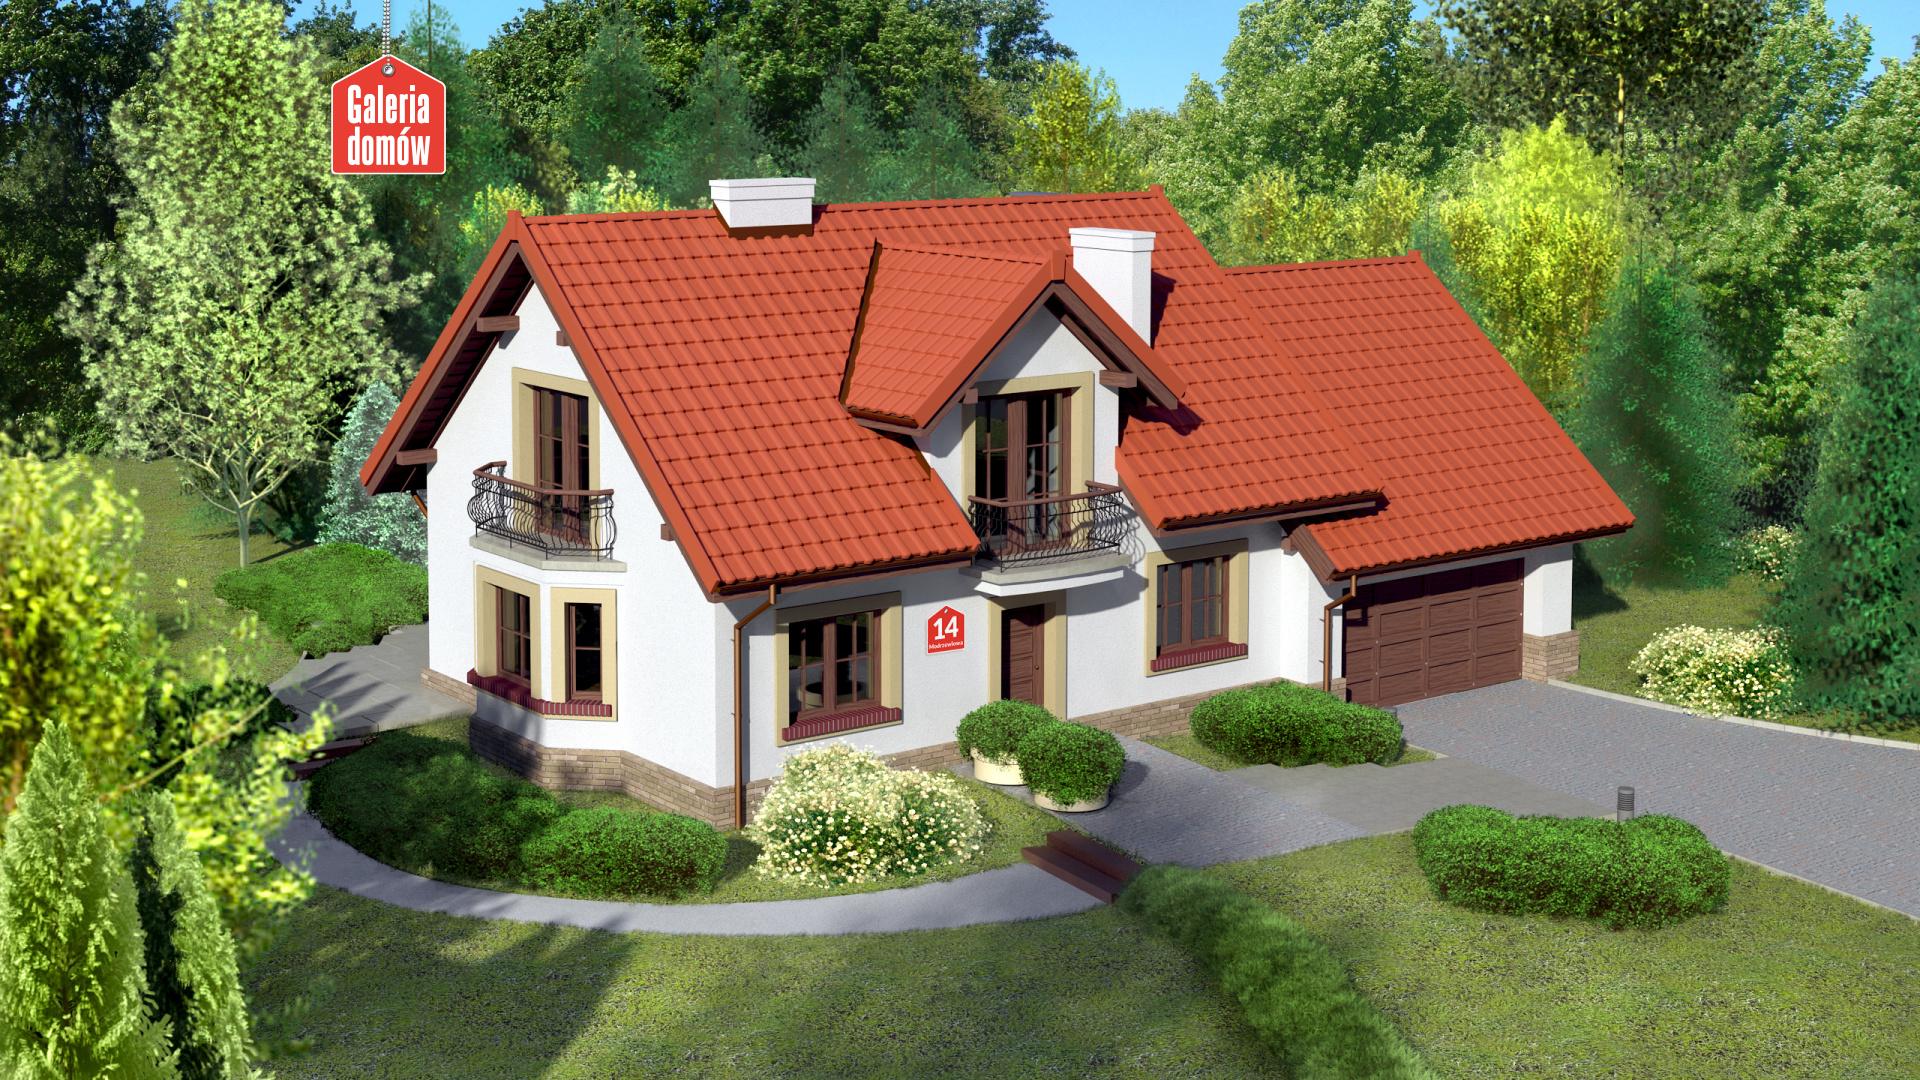 Dom przy Modrzewiowej 14 - zdjęcie projektu i wizualizacja